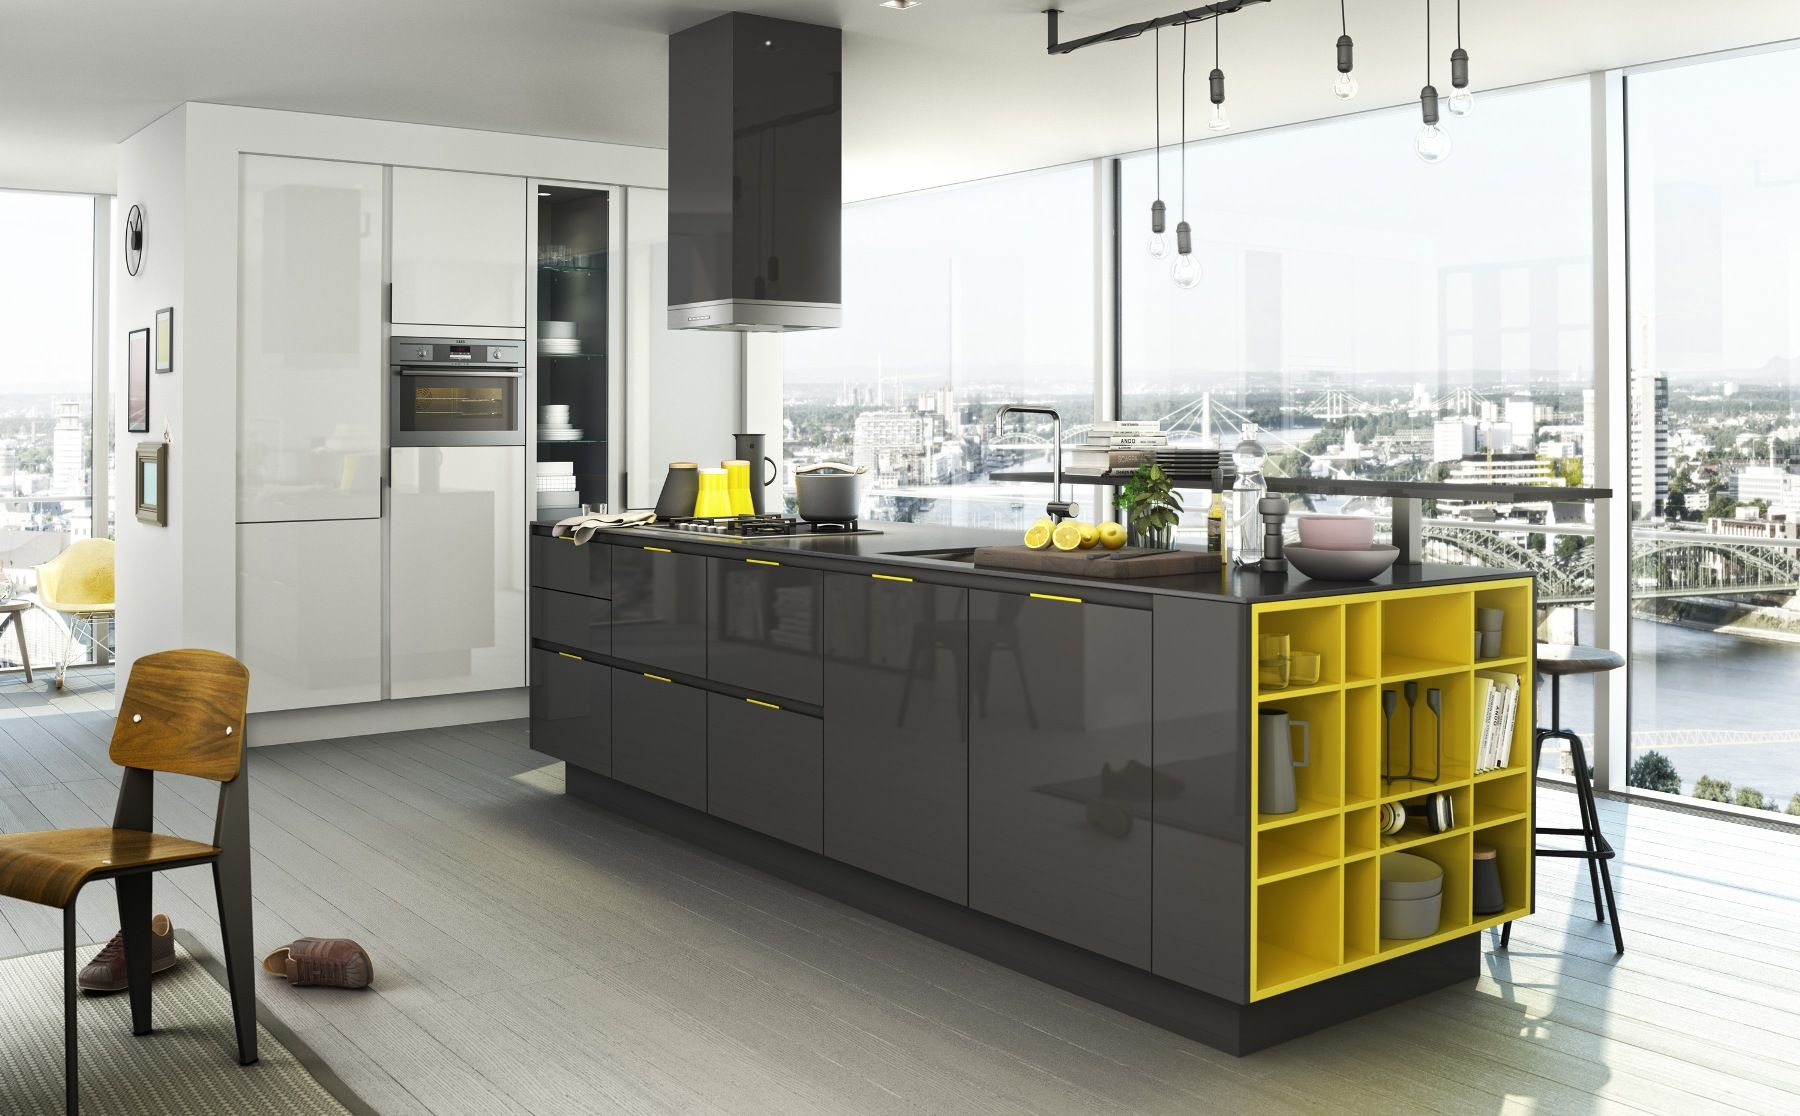 Siematic Keuken Onderdelen : keukens voor zeer lage keuken prijzen SieMatic S3. luxe design